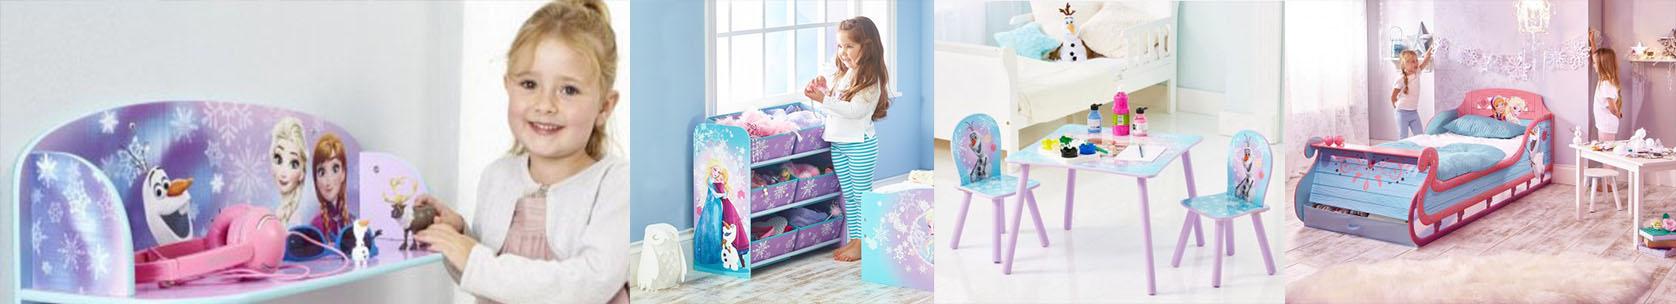 Mobiliario infantil Frozen Bainba.